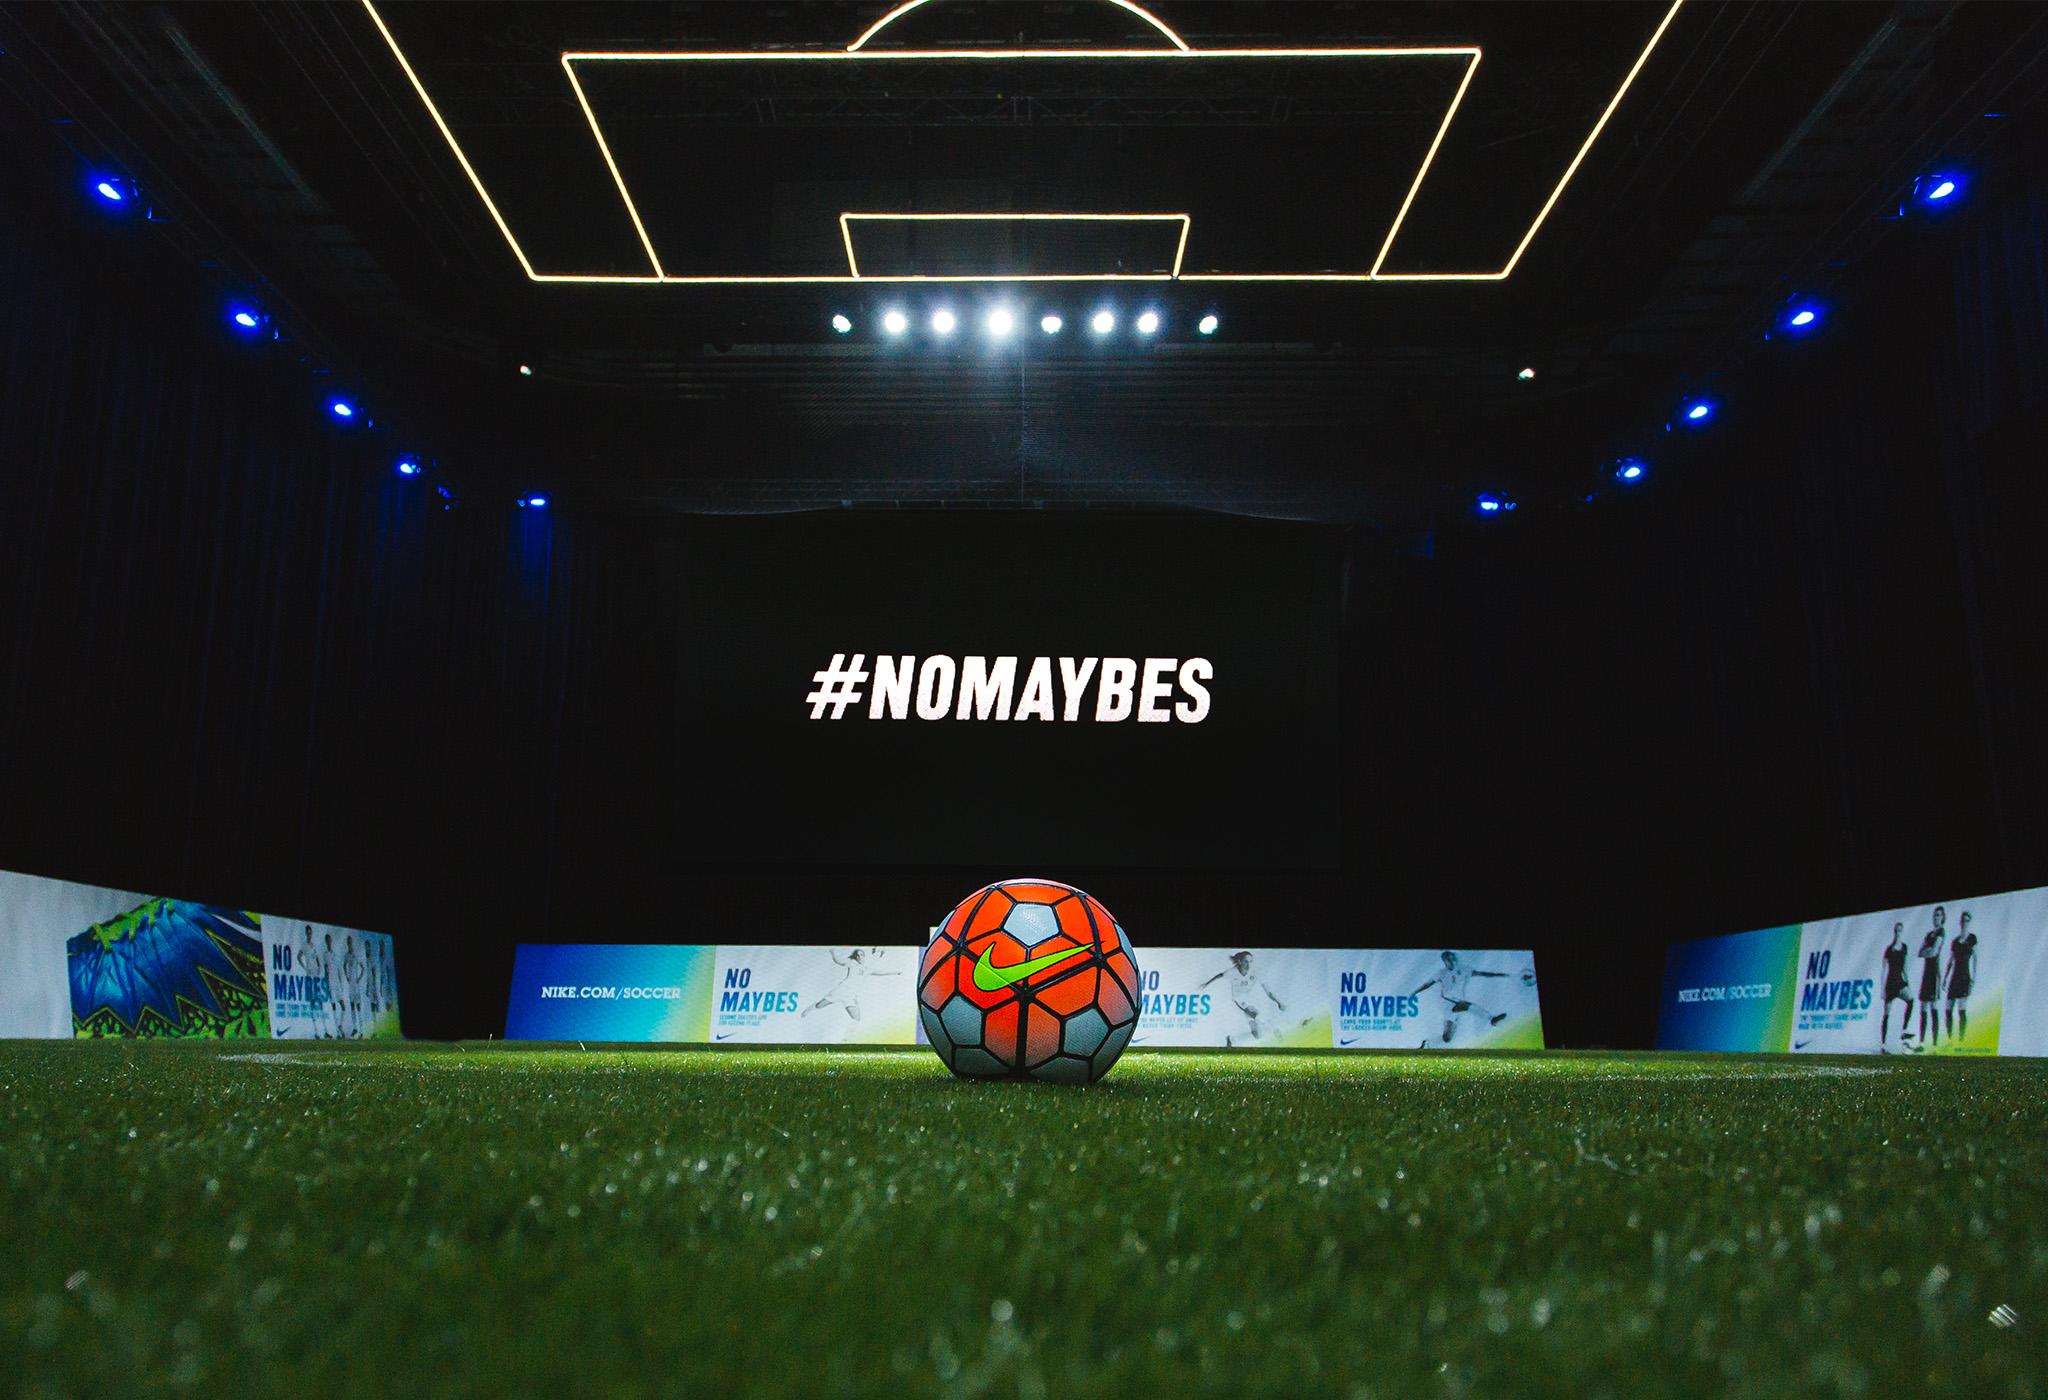 Confidencial codo partícipe  Nike Women's World Cup — RYAN HAALAND